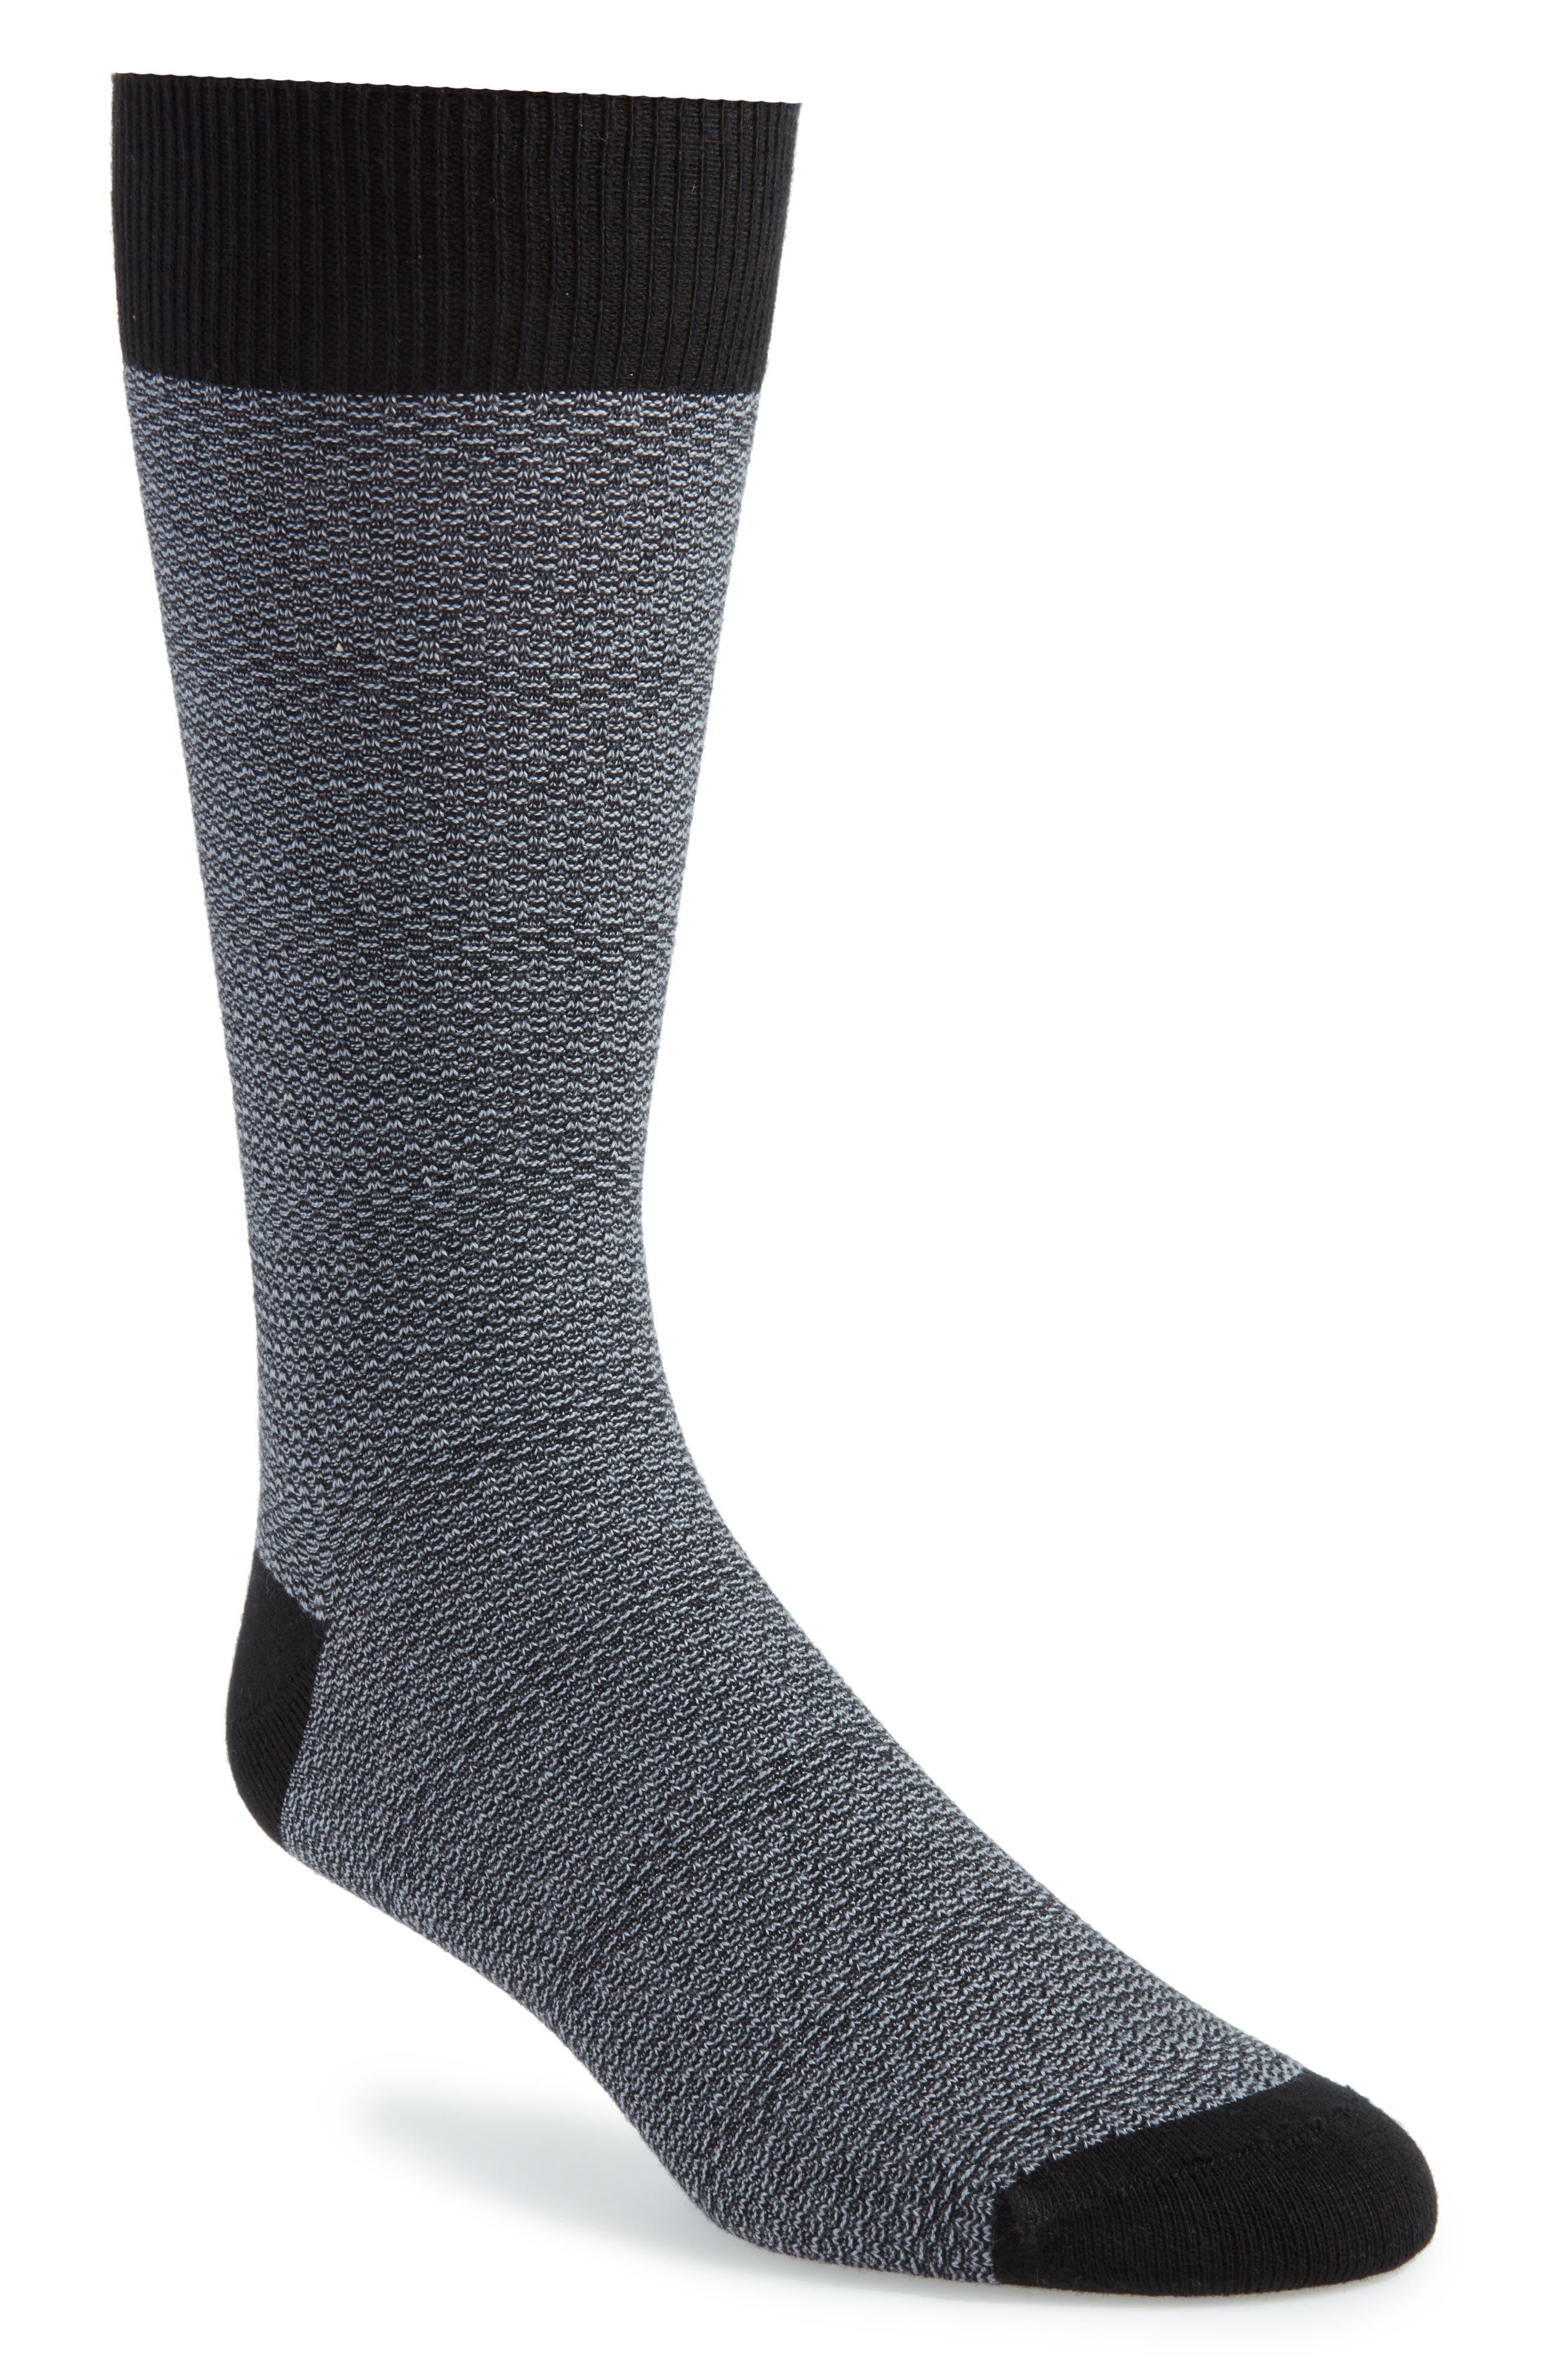 Sophshe Solid Socks,                         Main,                         color, Black